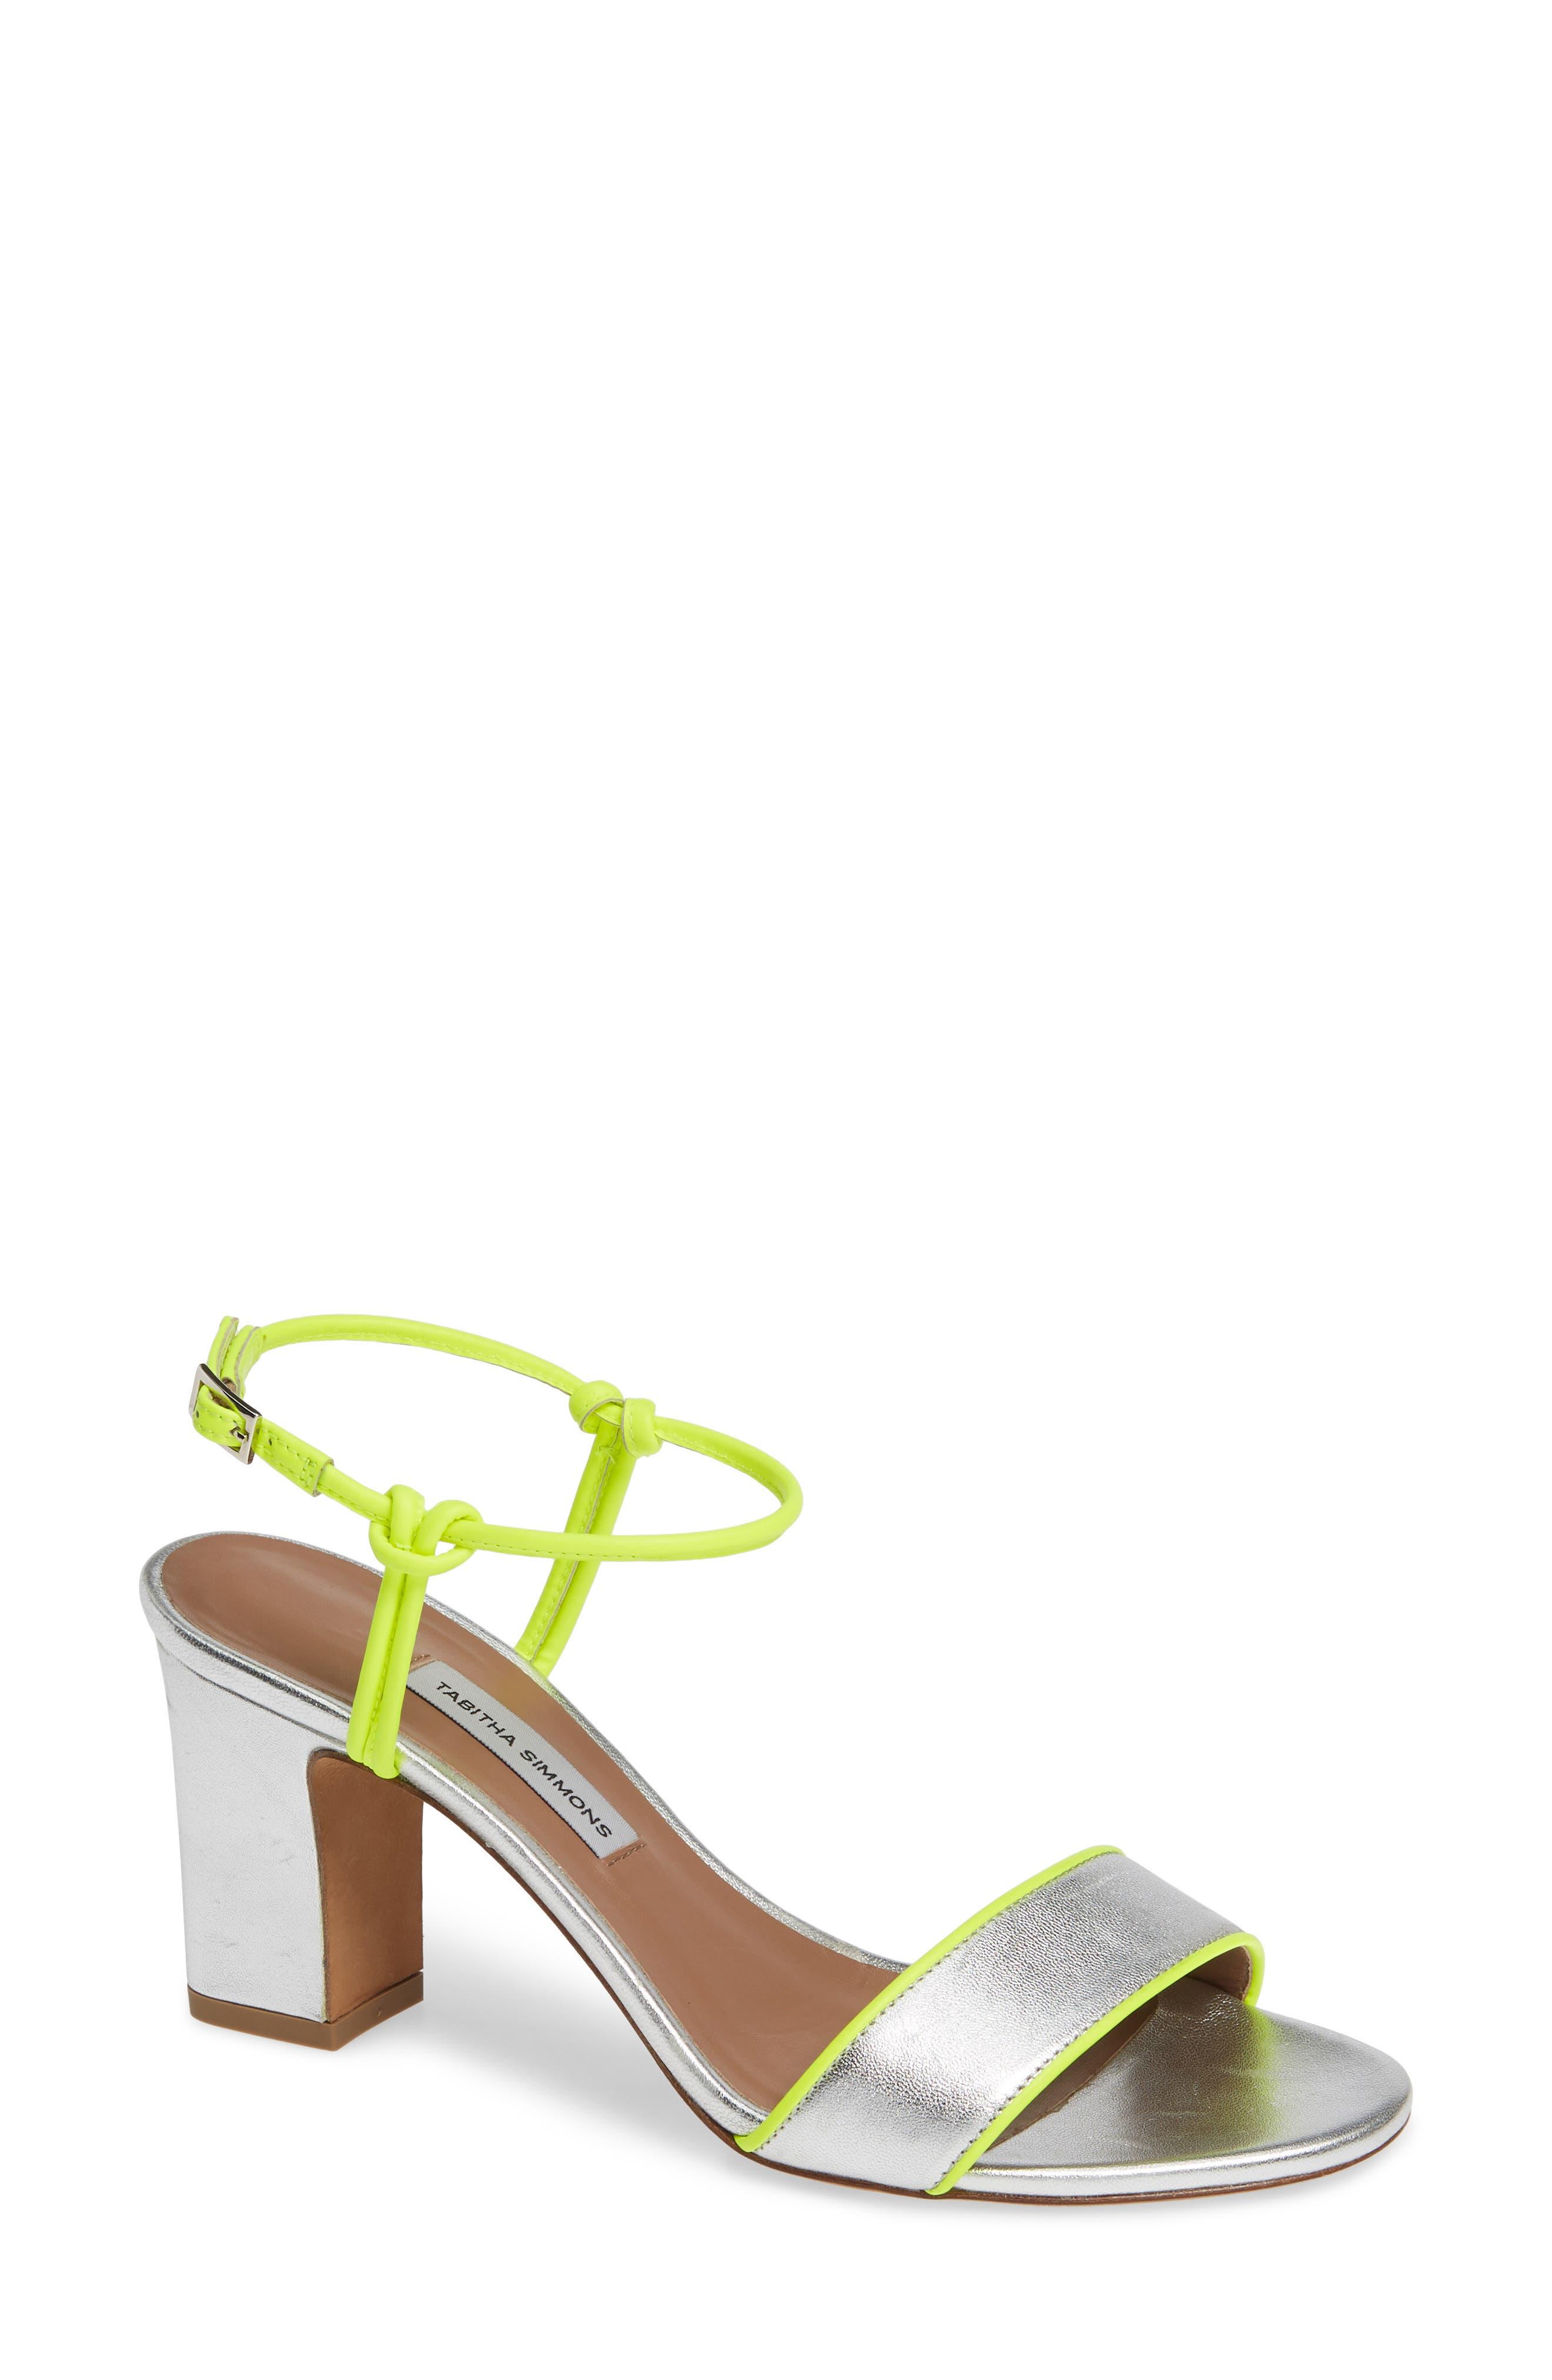 Tabitha Simmons Bungee Block Heel Sandal - Metallic